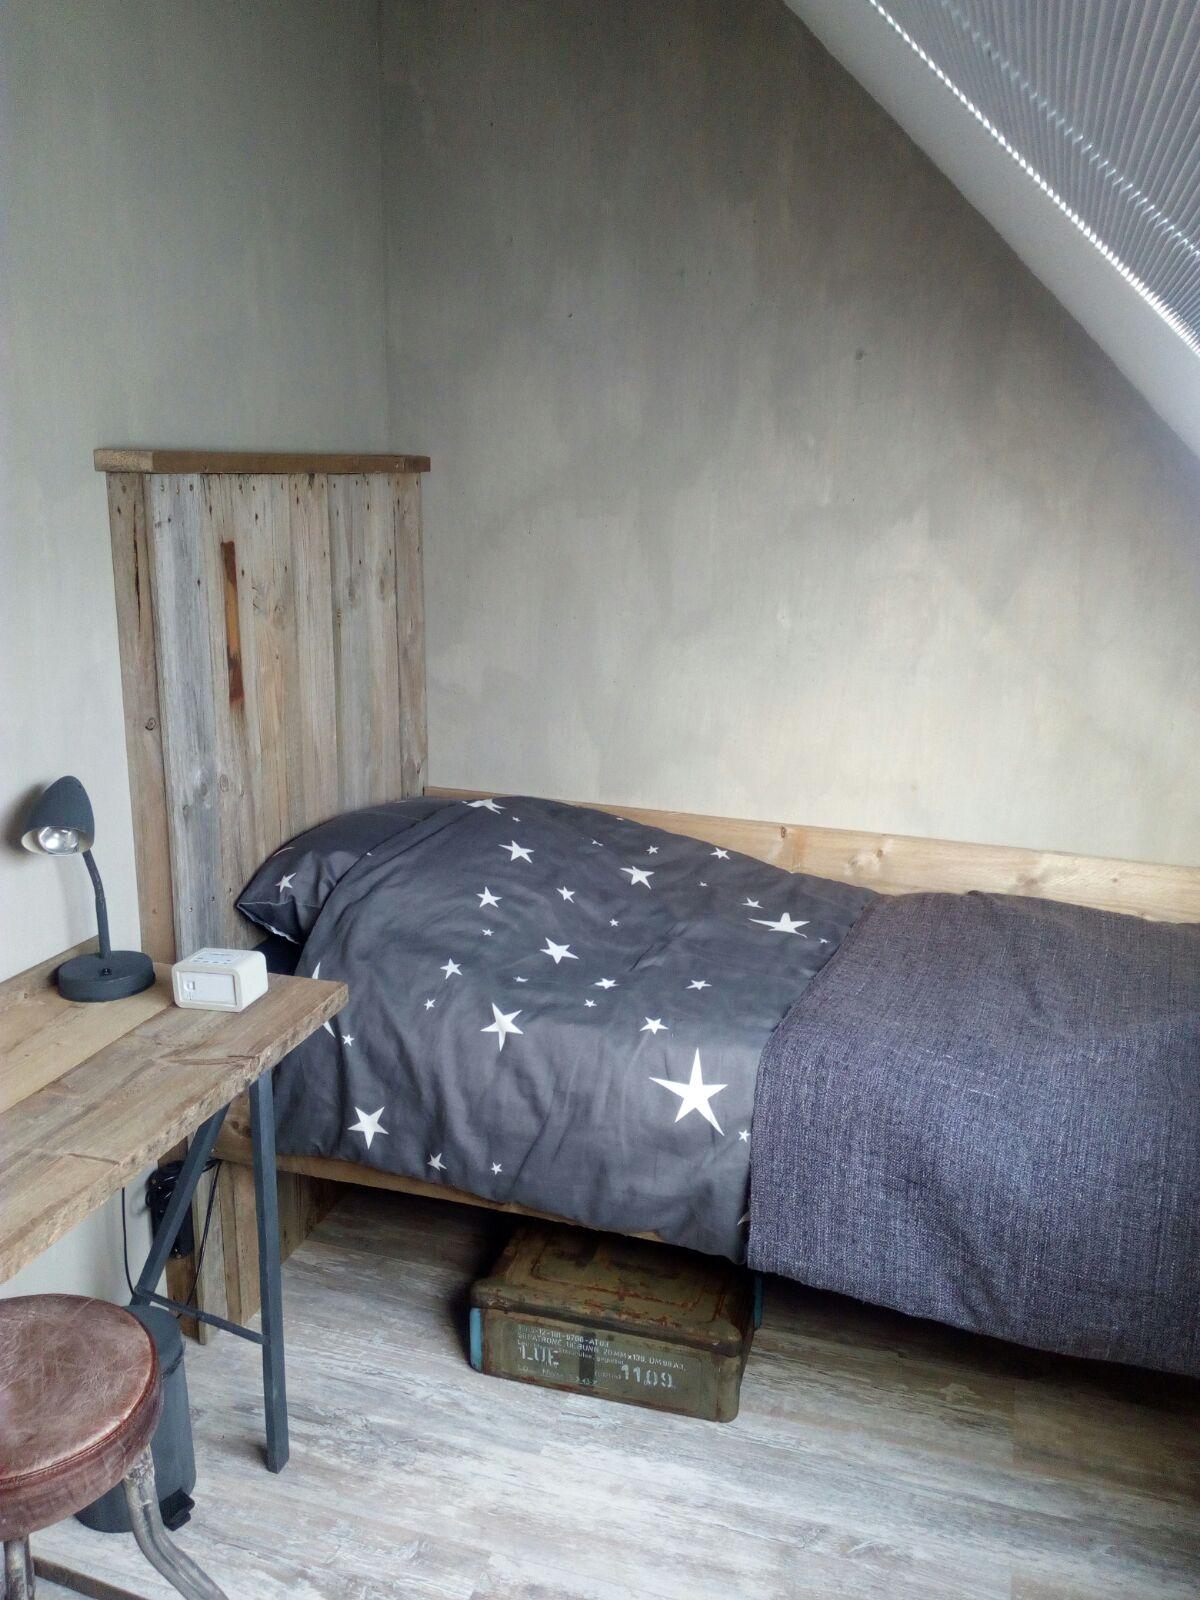 Wonen in je eigen stijl verandering slaapkamer dochter joyce - Mooie meid slaapkamer ...